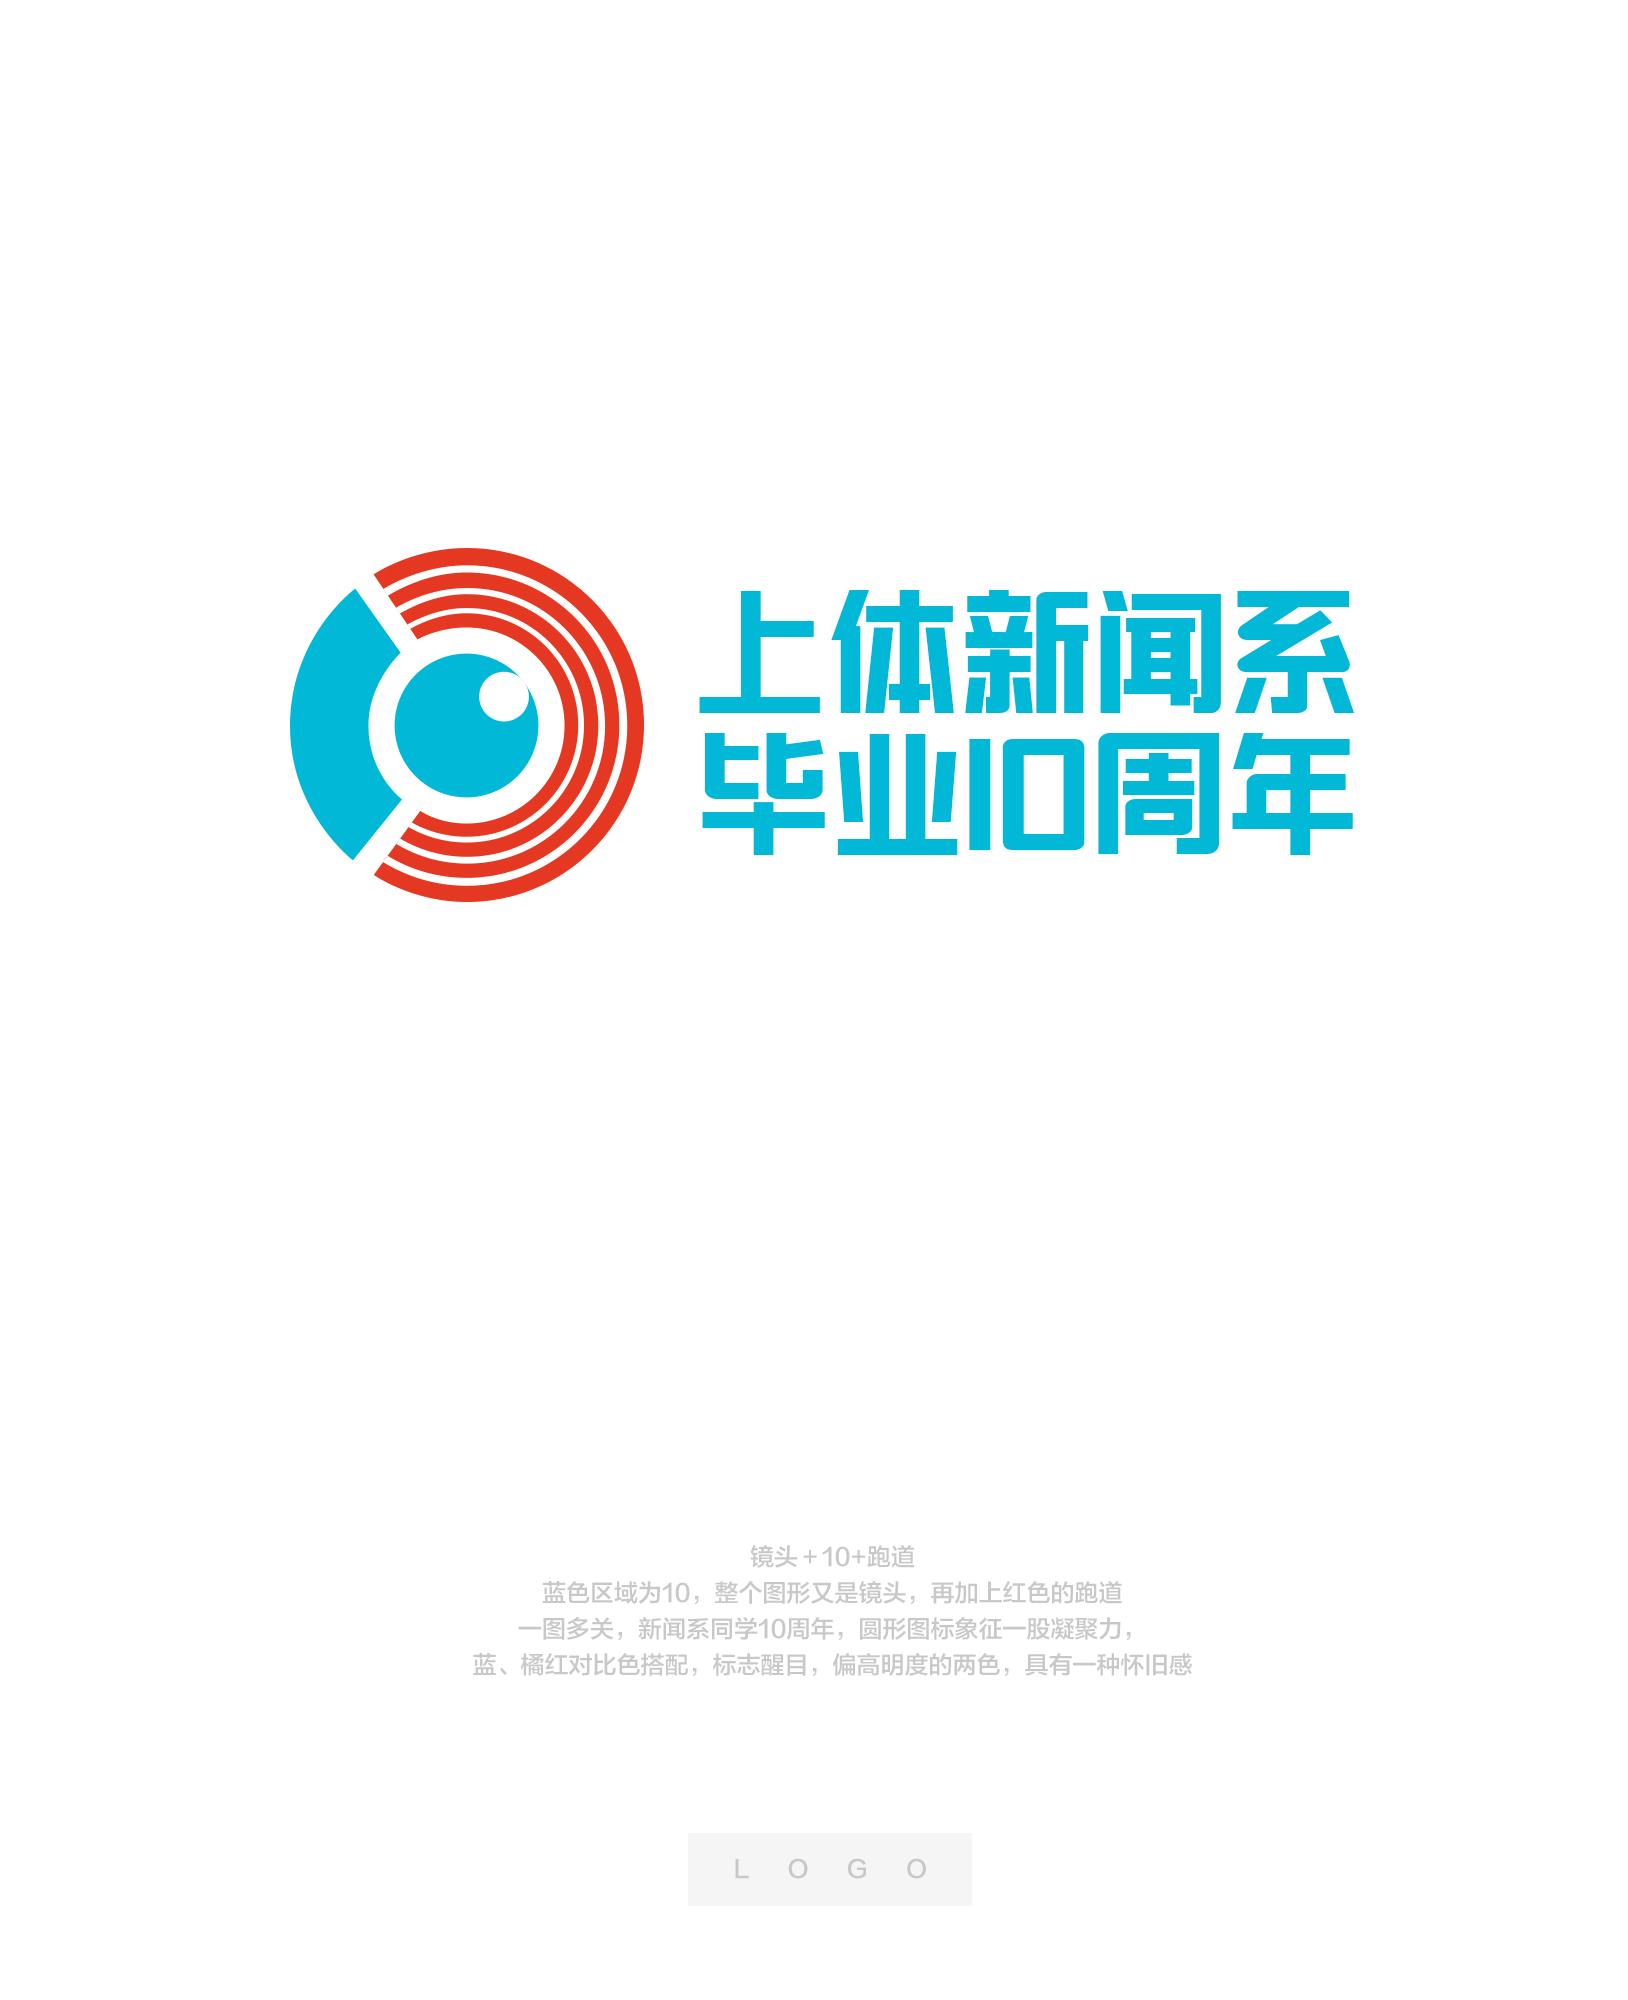 毕业logo设计毕业聚会标志设计聚会logo同学聚会图片